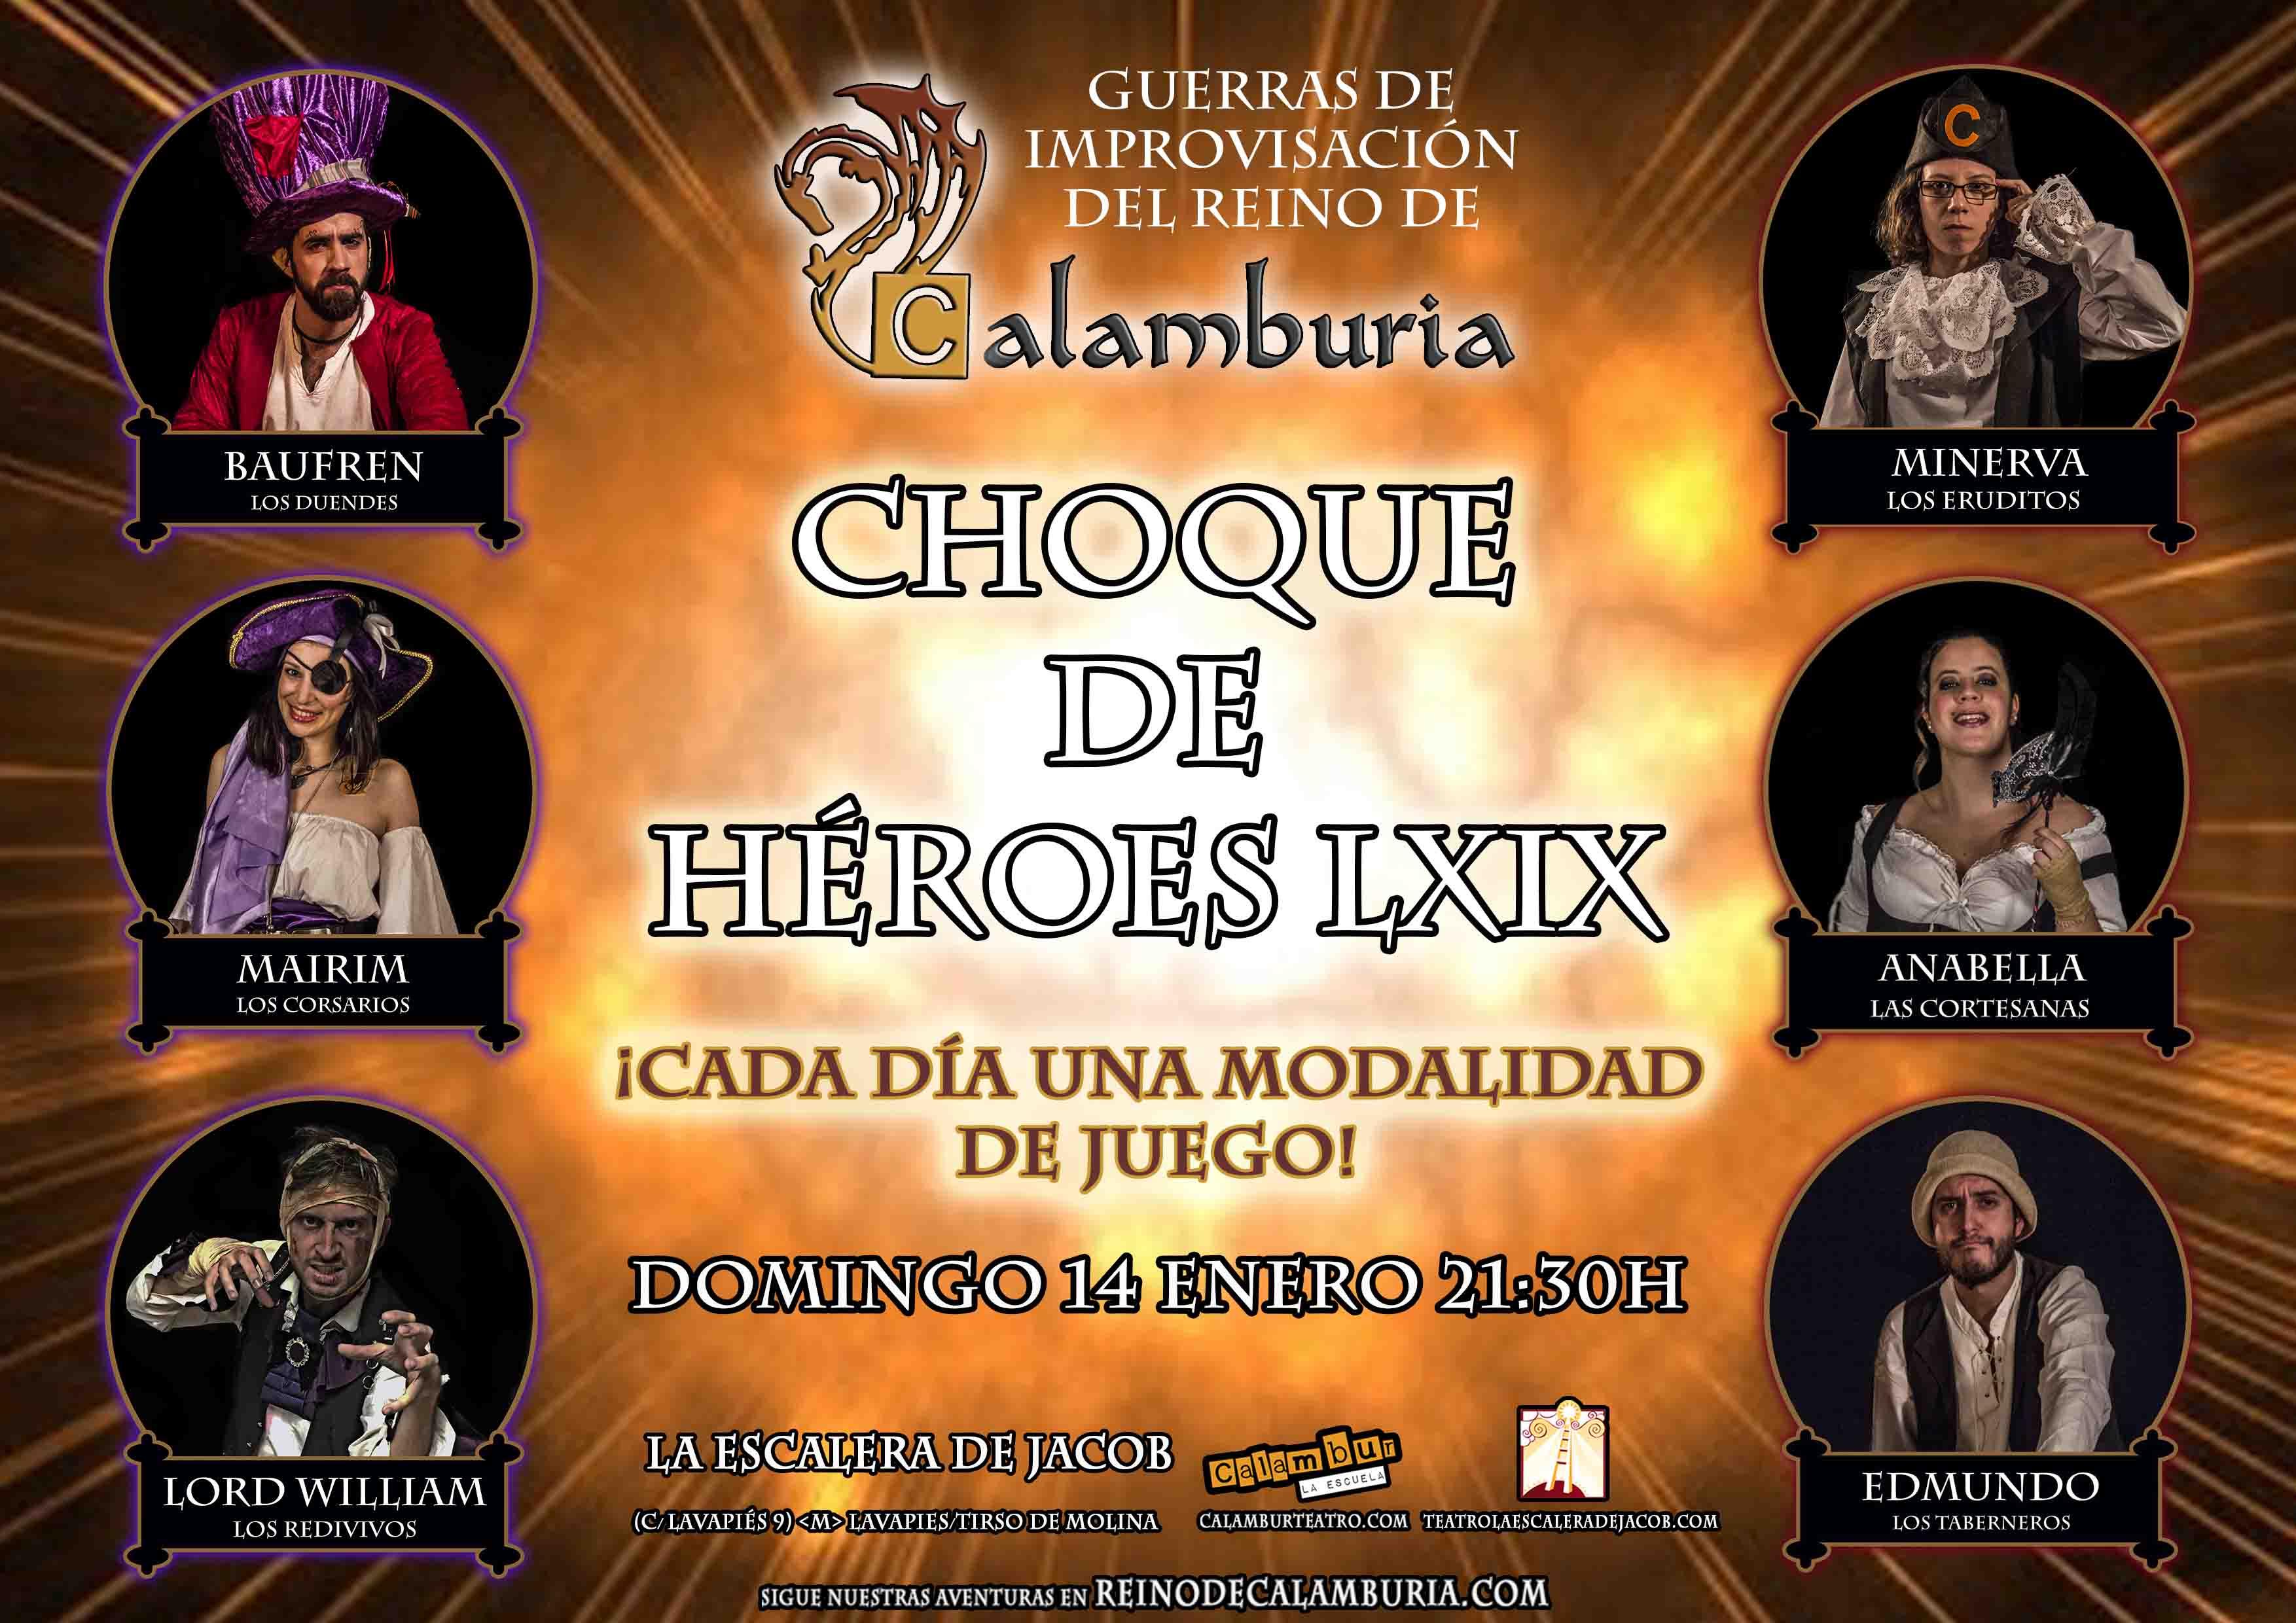 CHOQUE DE HEROES 69